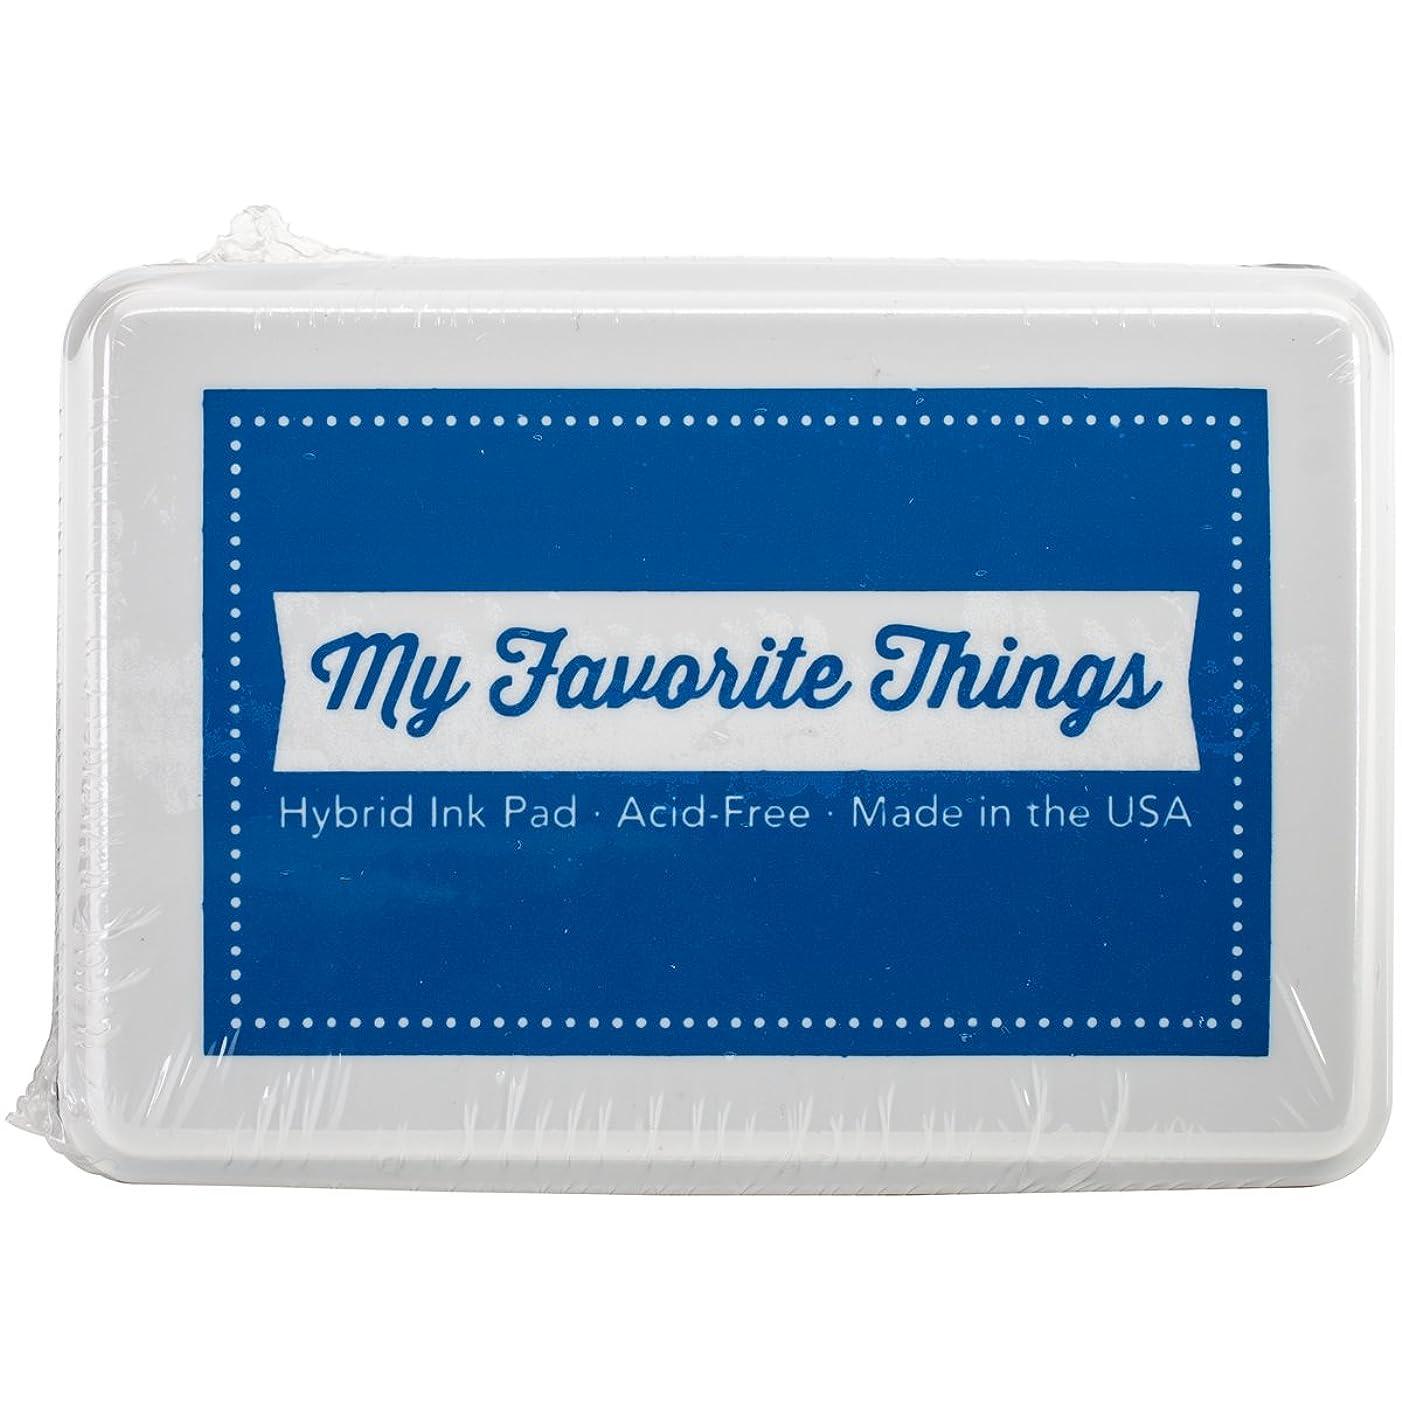 My Favorite Things Hybrid Ink Pad, 3 by 2